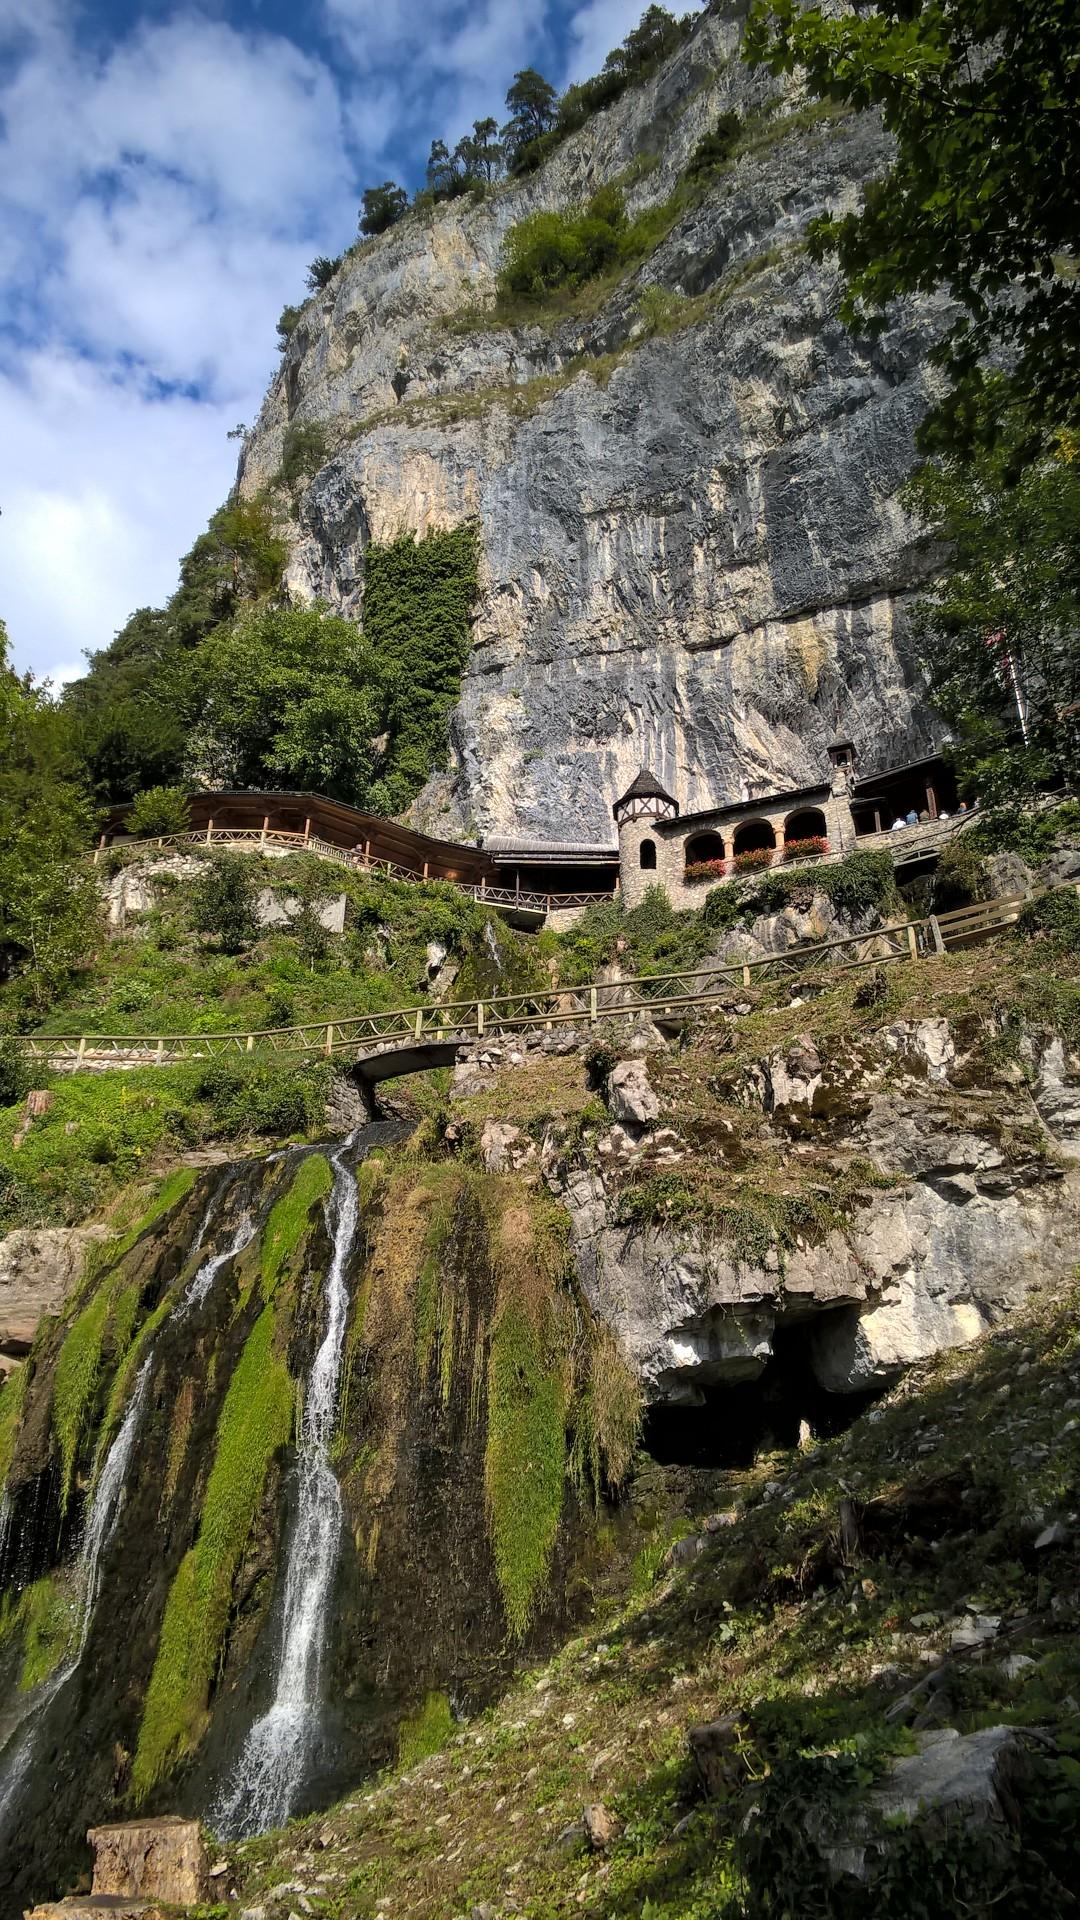 Вход в Свято-Беатовы пещеры, Интерлакен, Швейцария